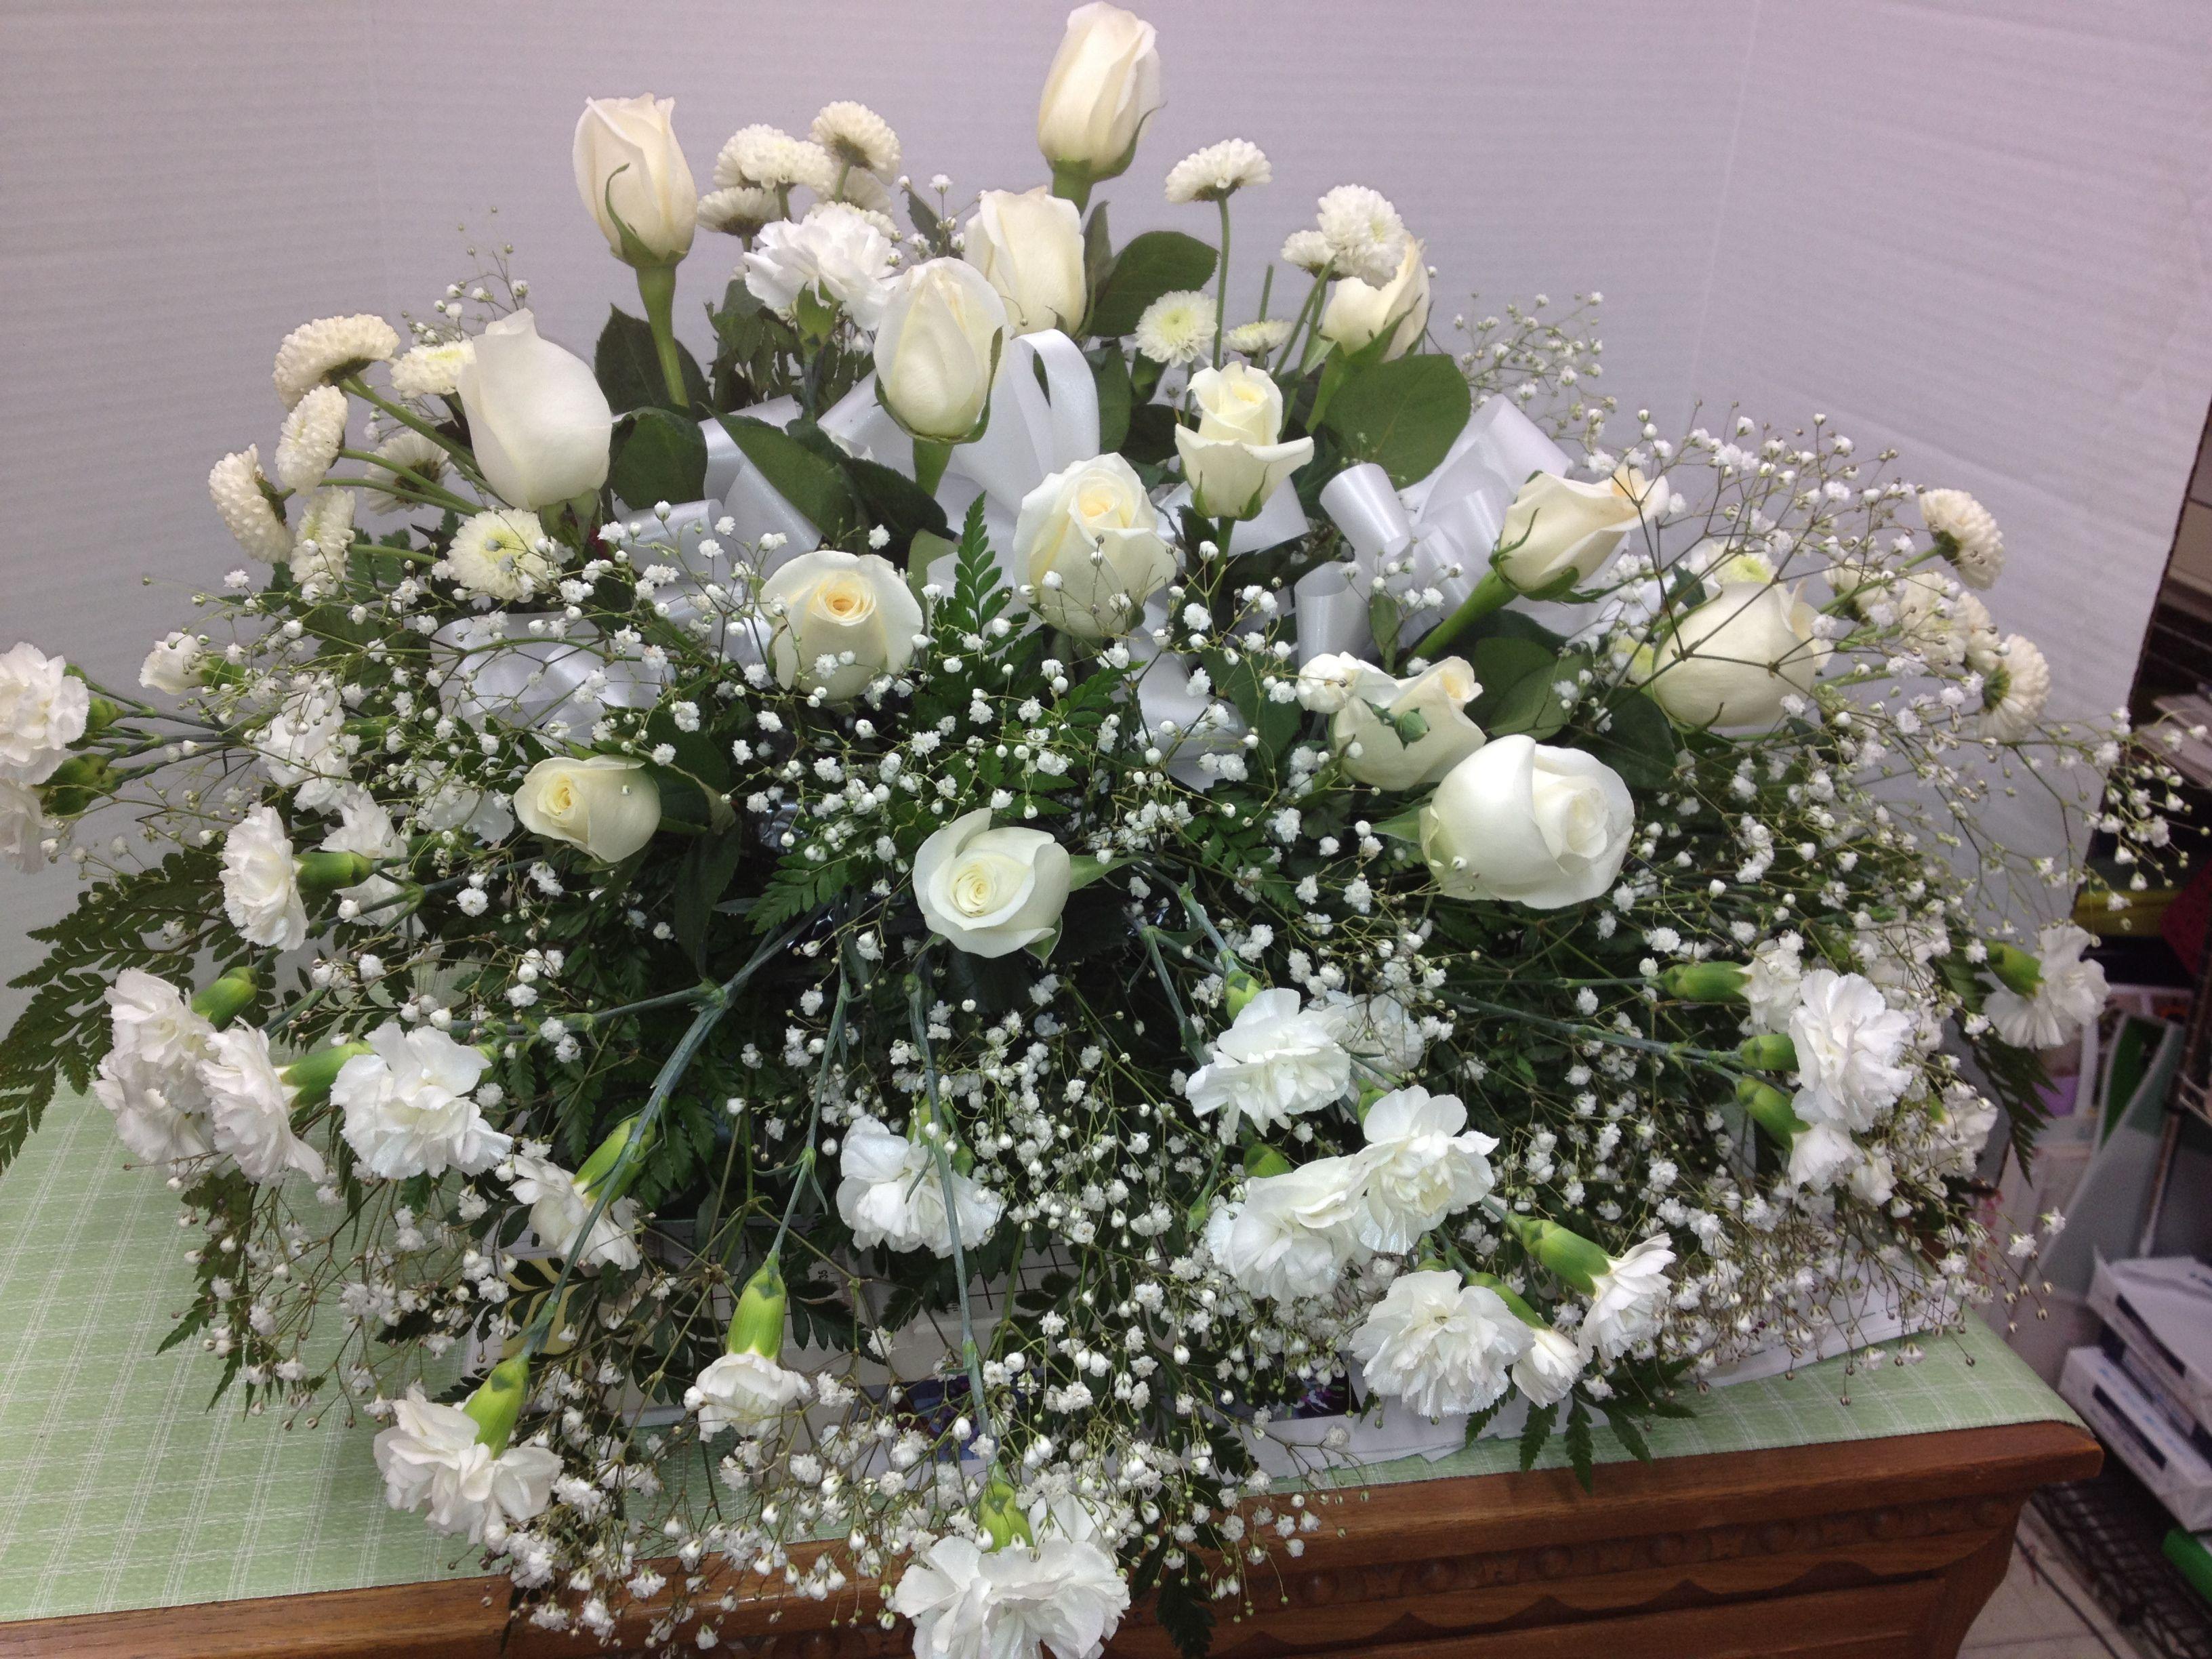 flower bouquet delivery phoenix az